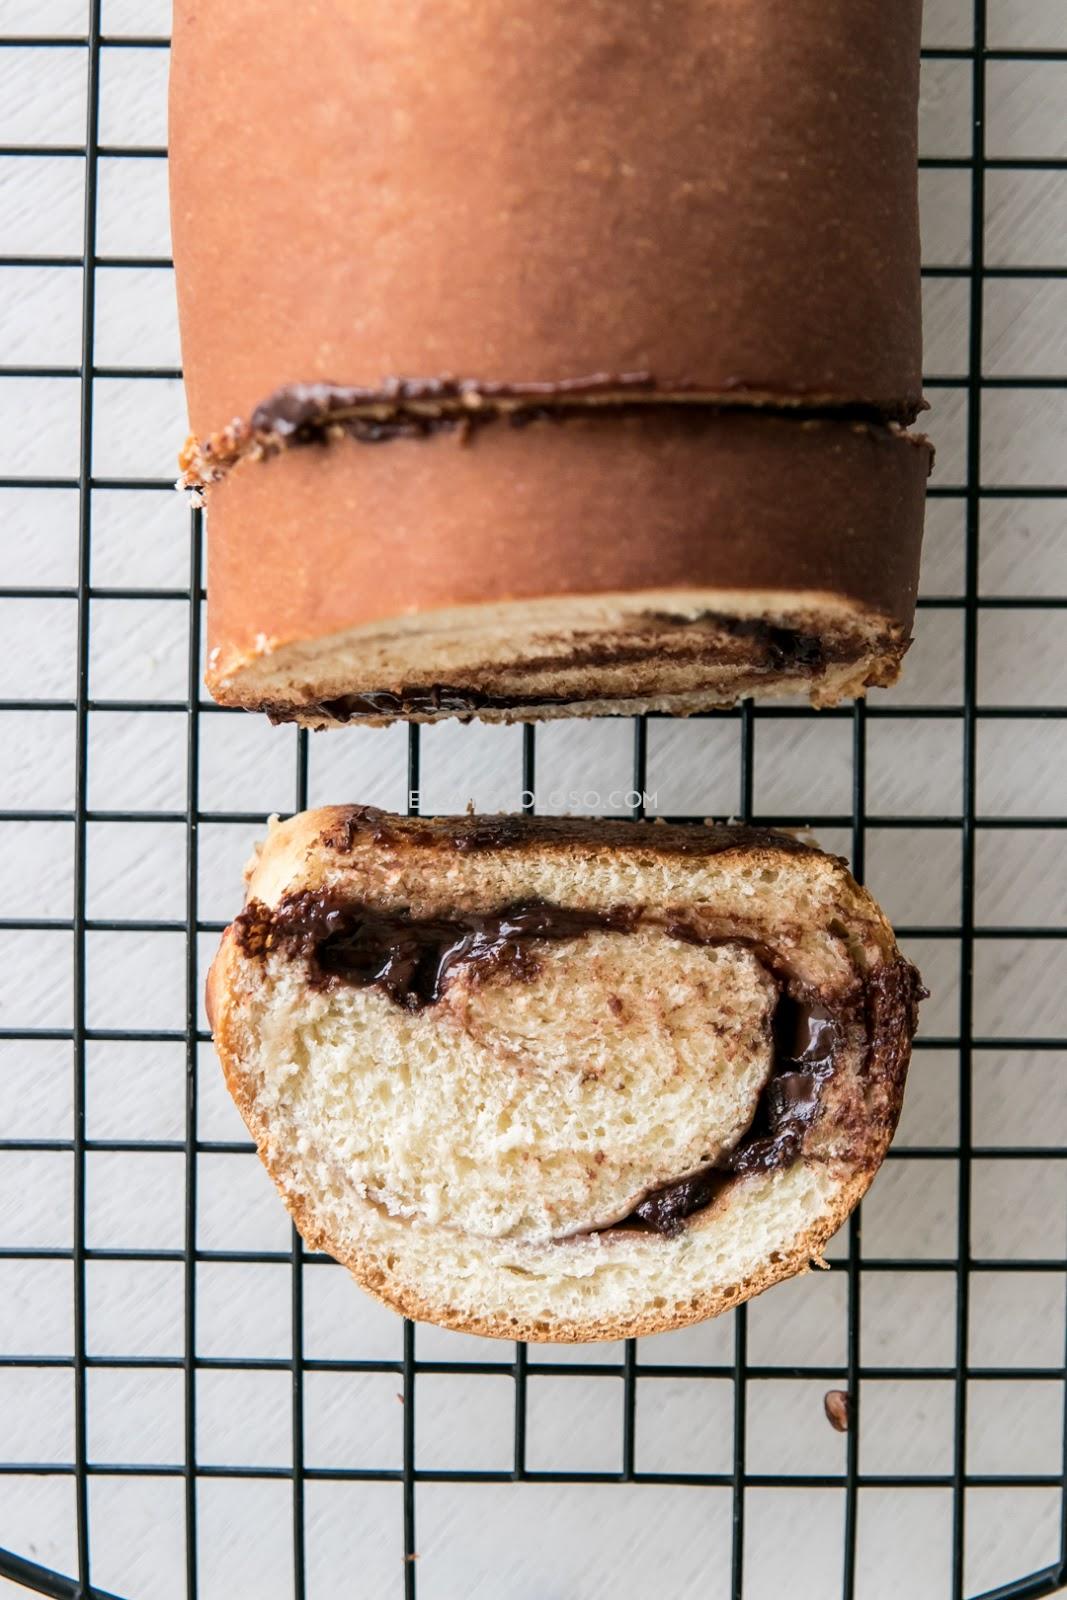 Pan de chocolate fácil, Este pan es perfecto para el desayuno o para la merienda con una buena taza de café. Receta de elgatogolos.com